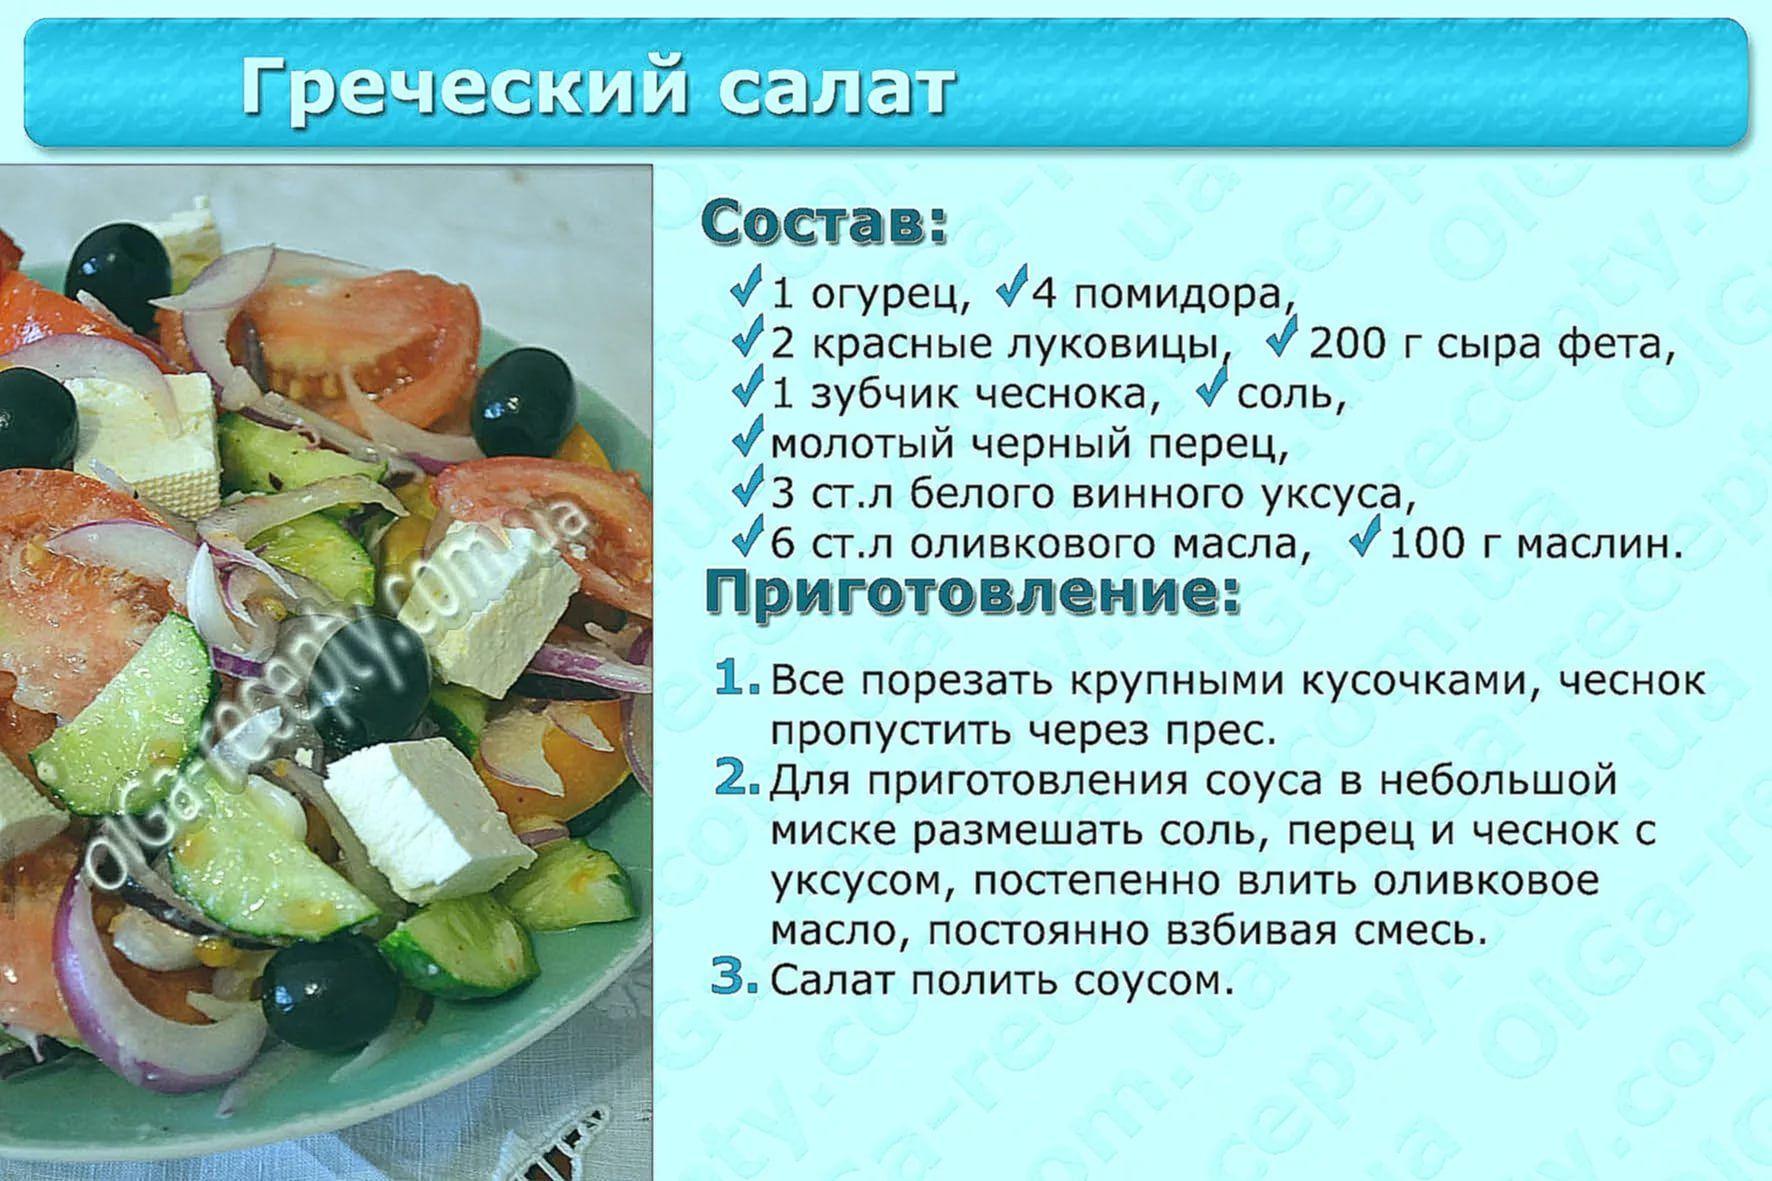 Салаты с рецептами в картинках